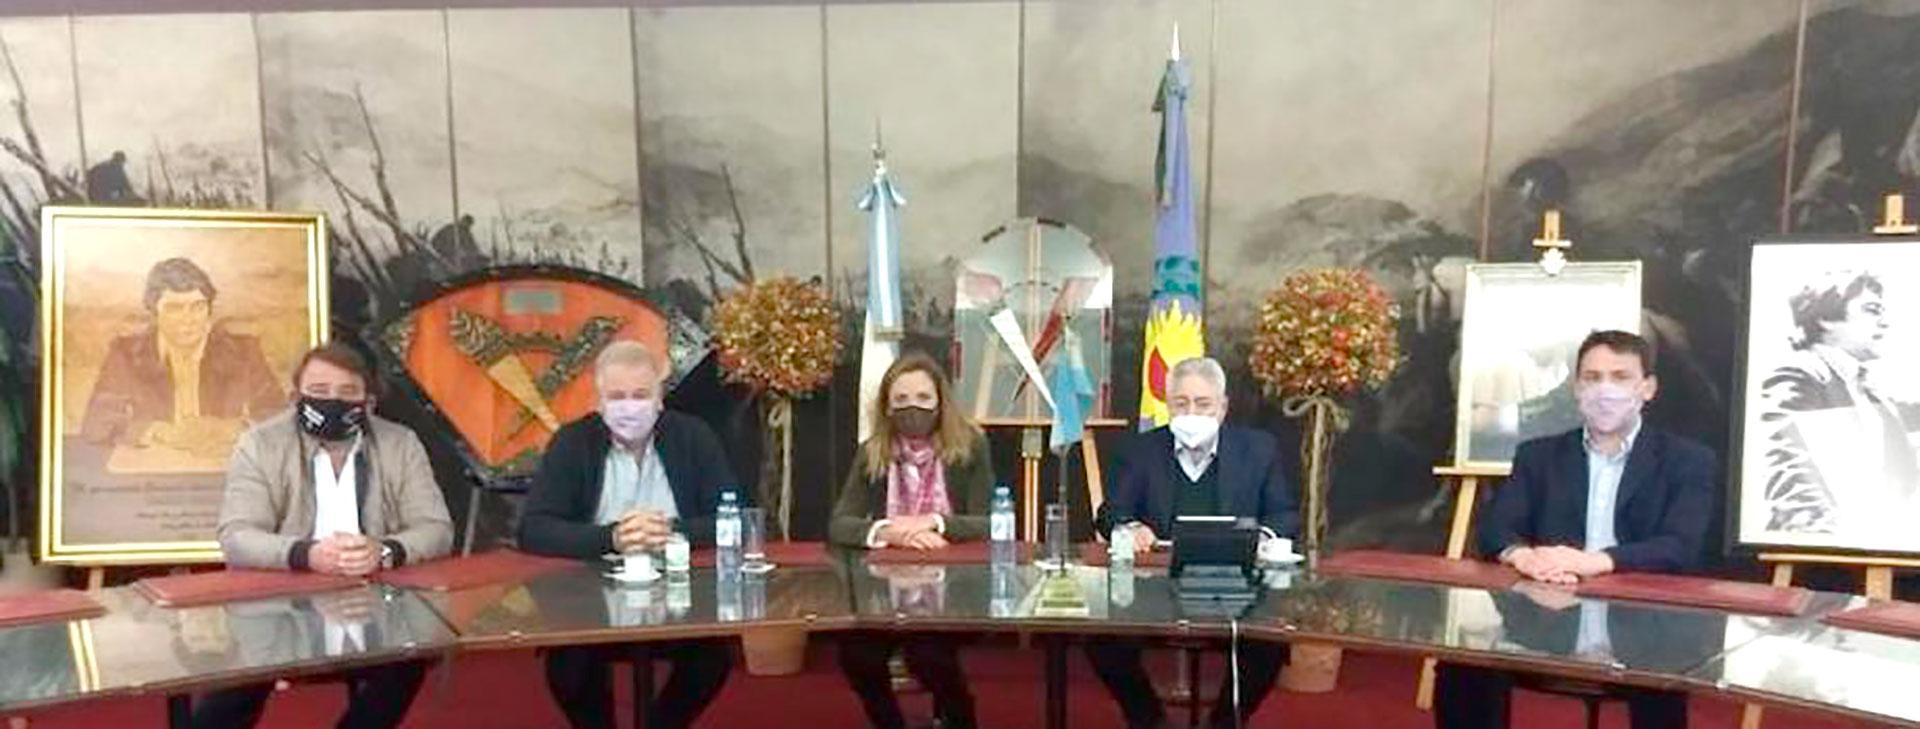 A la derecha de la imagen, el subsecretario de Energía eléctrica Federico Basualdo